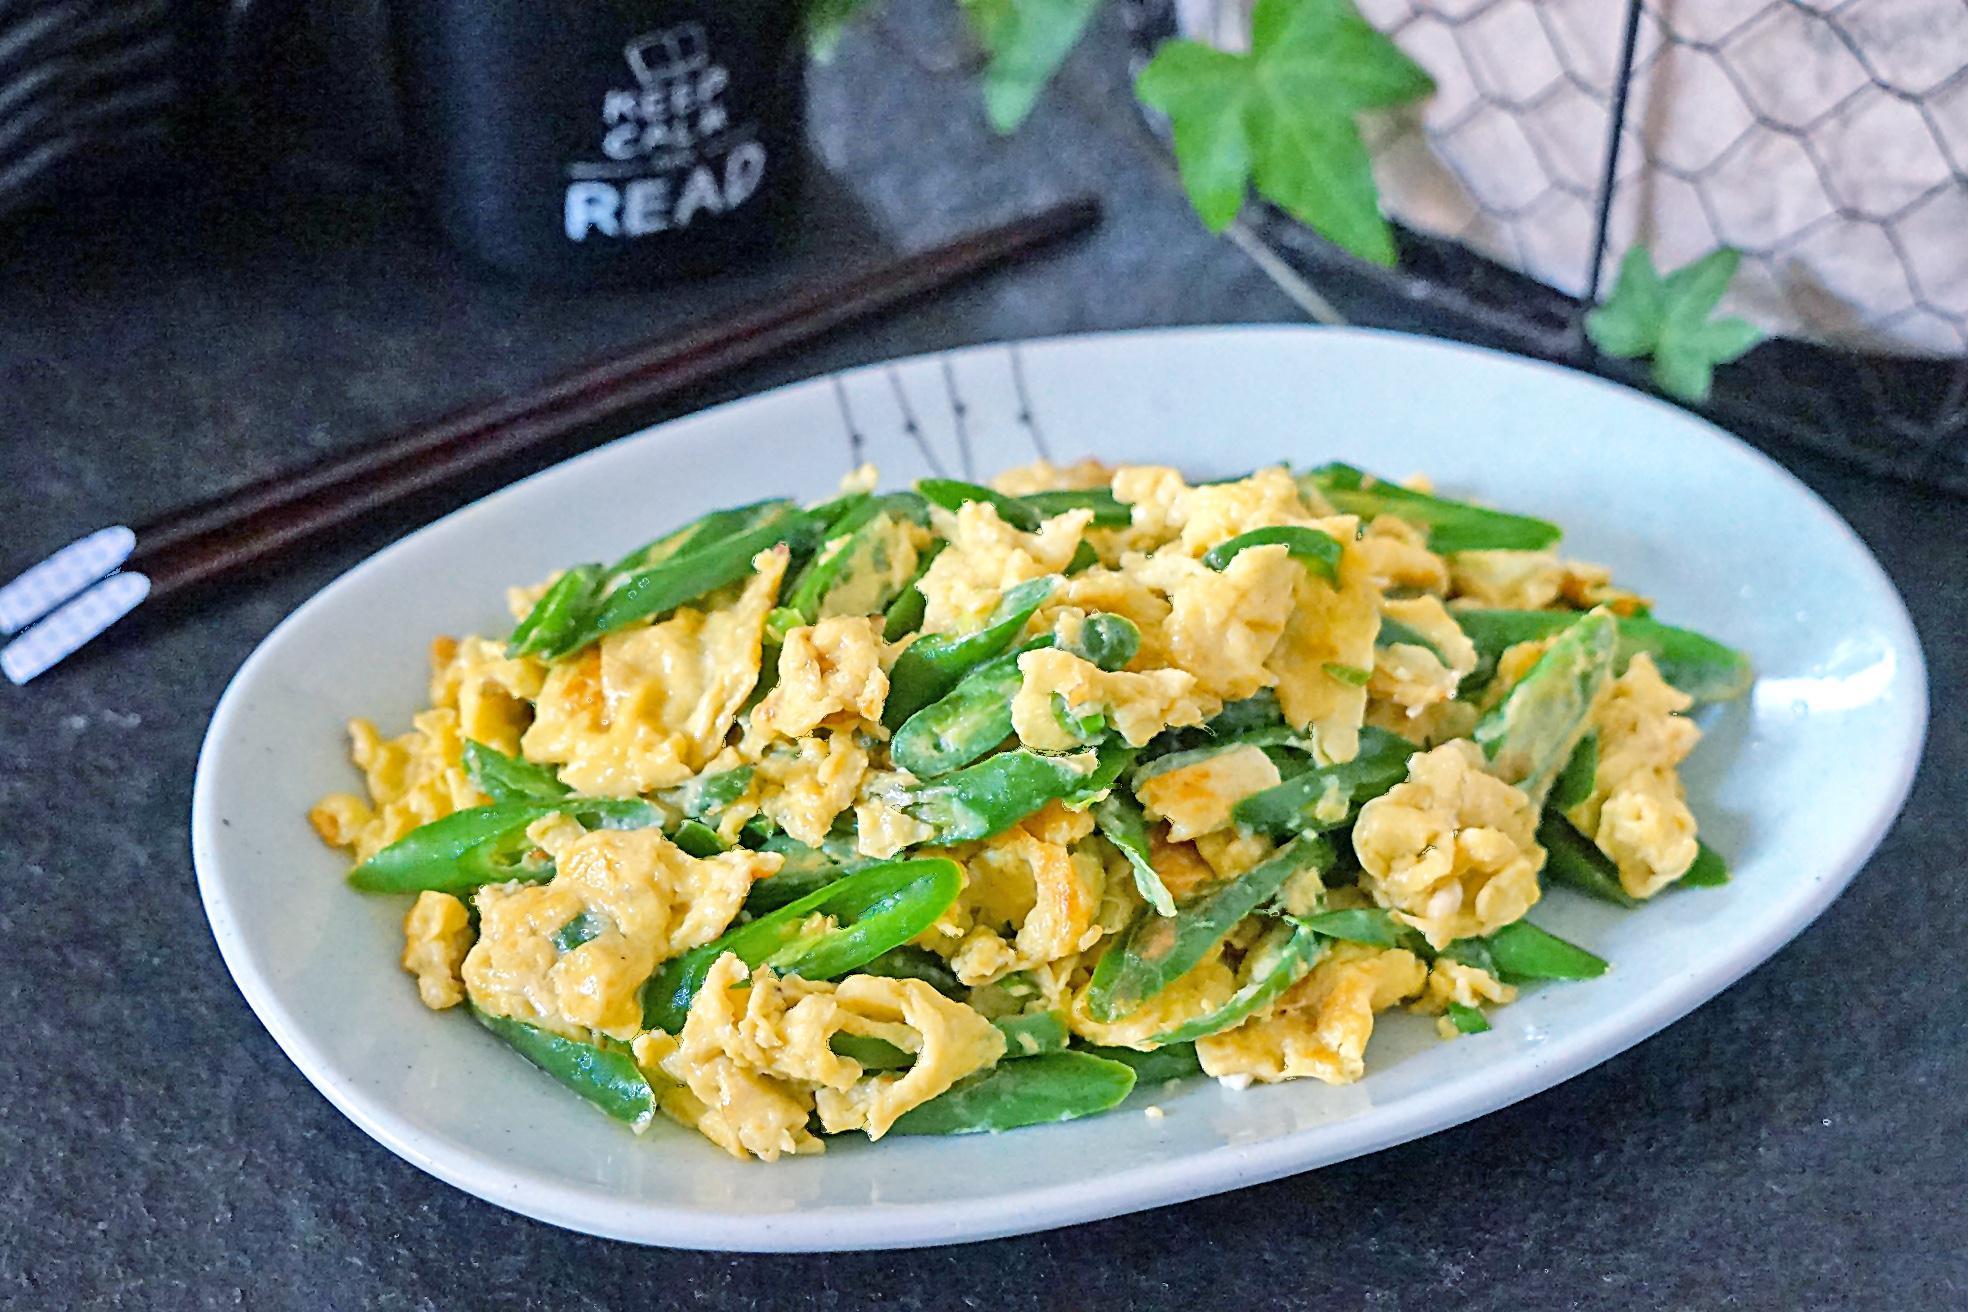 只需再加一步,来试试这样炒鸡蛋,就让青椒没有生味还很下饭